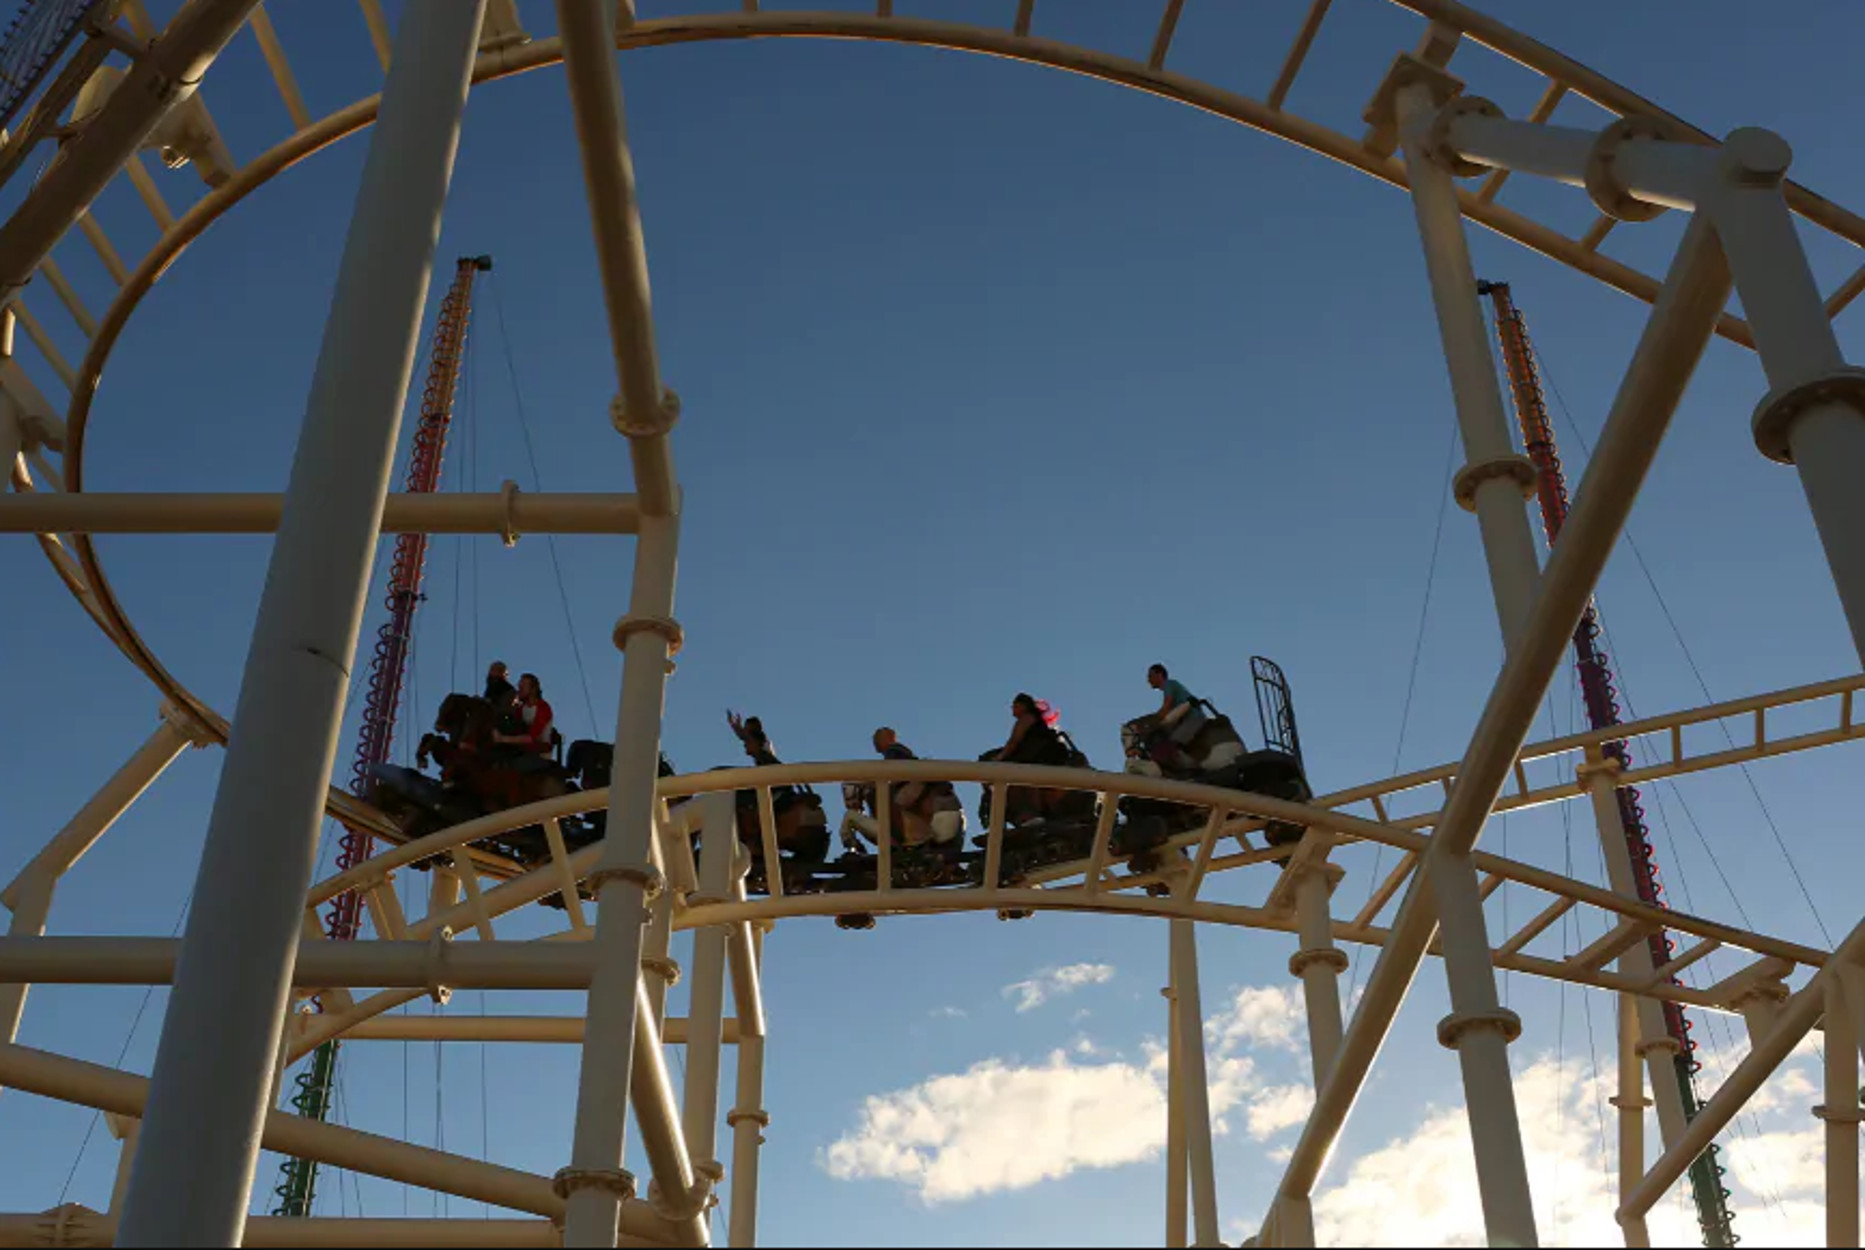 Λούνα παρκ ζητά από τους επισκέπτες… να μην ουρλιάζουν στο roller coaster!